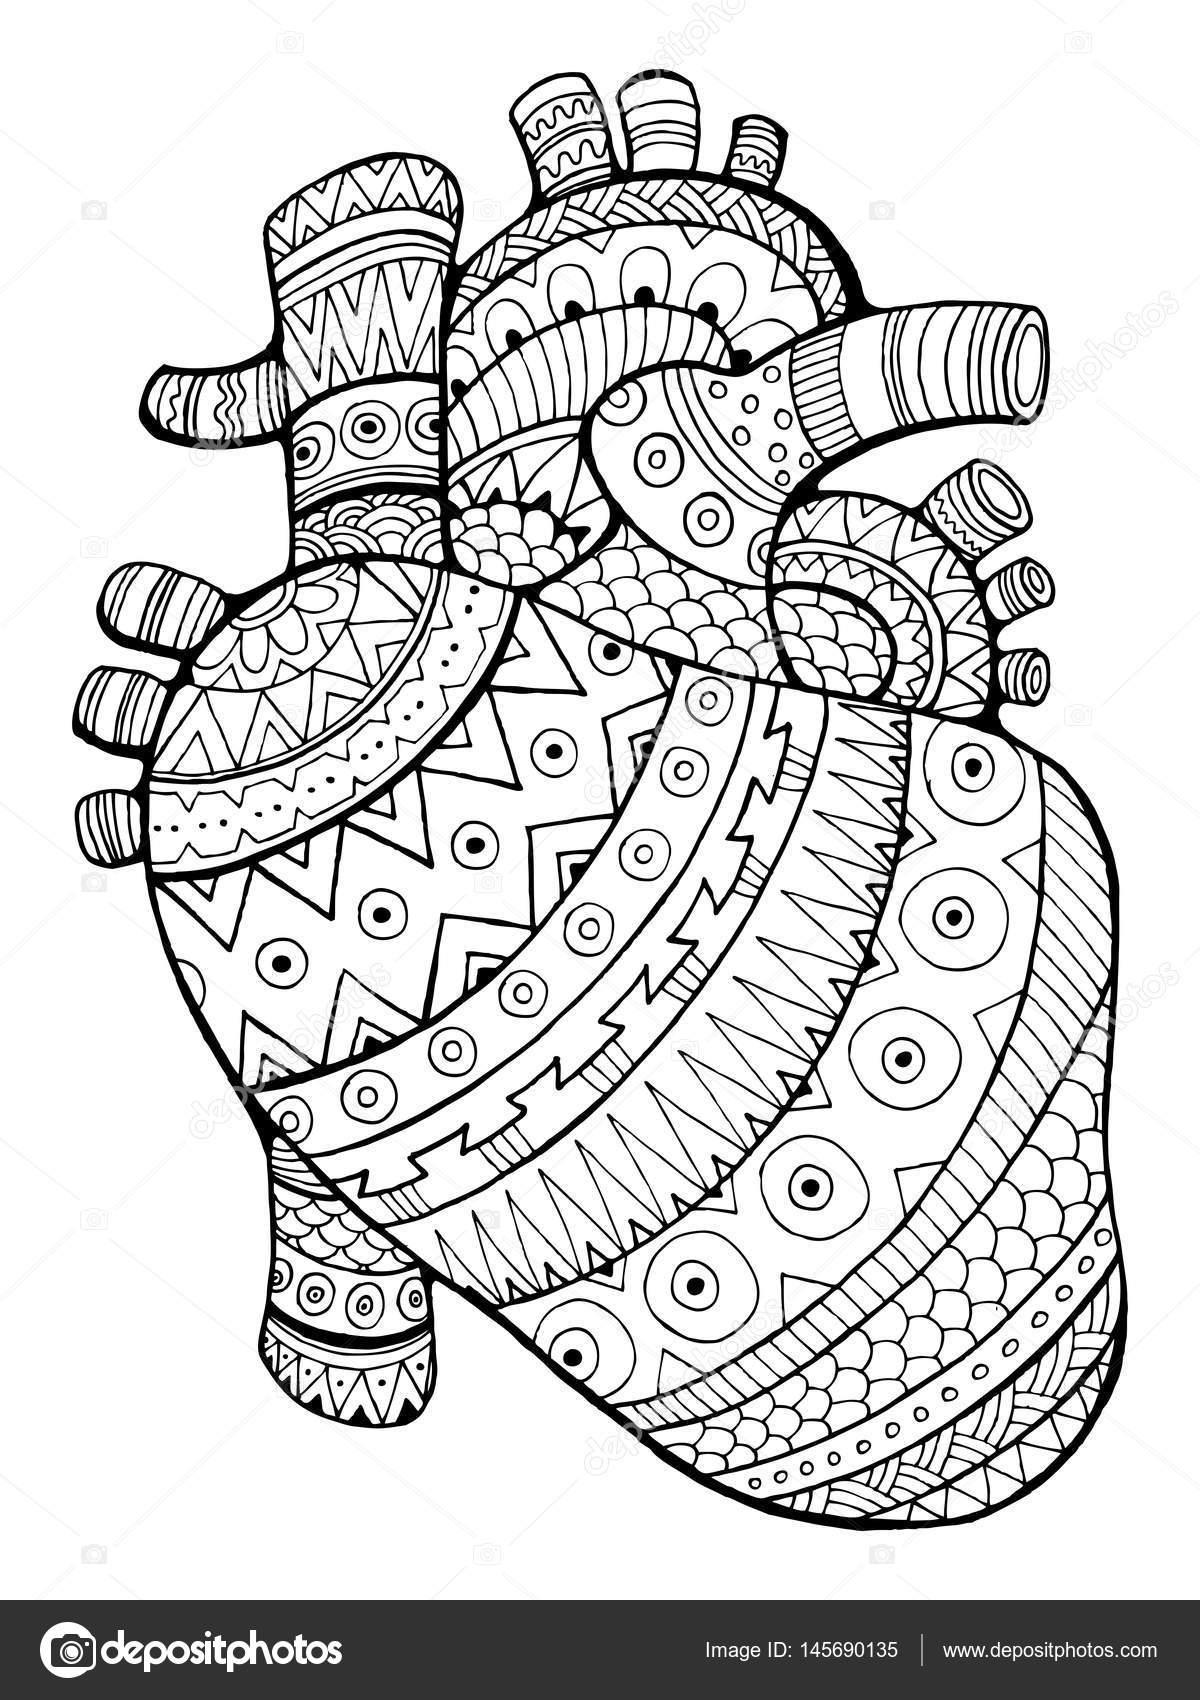 Imágenes Del Corazon Humano Para Dibujar Corazón Humano Para